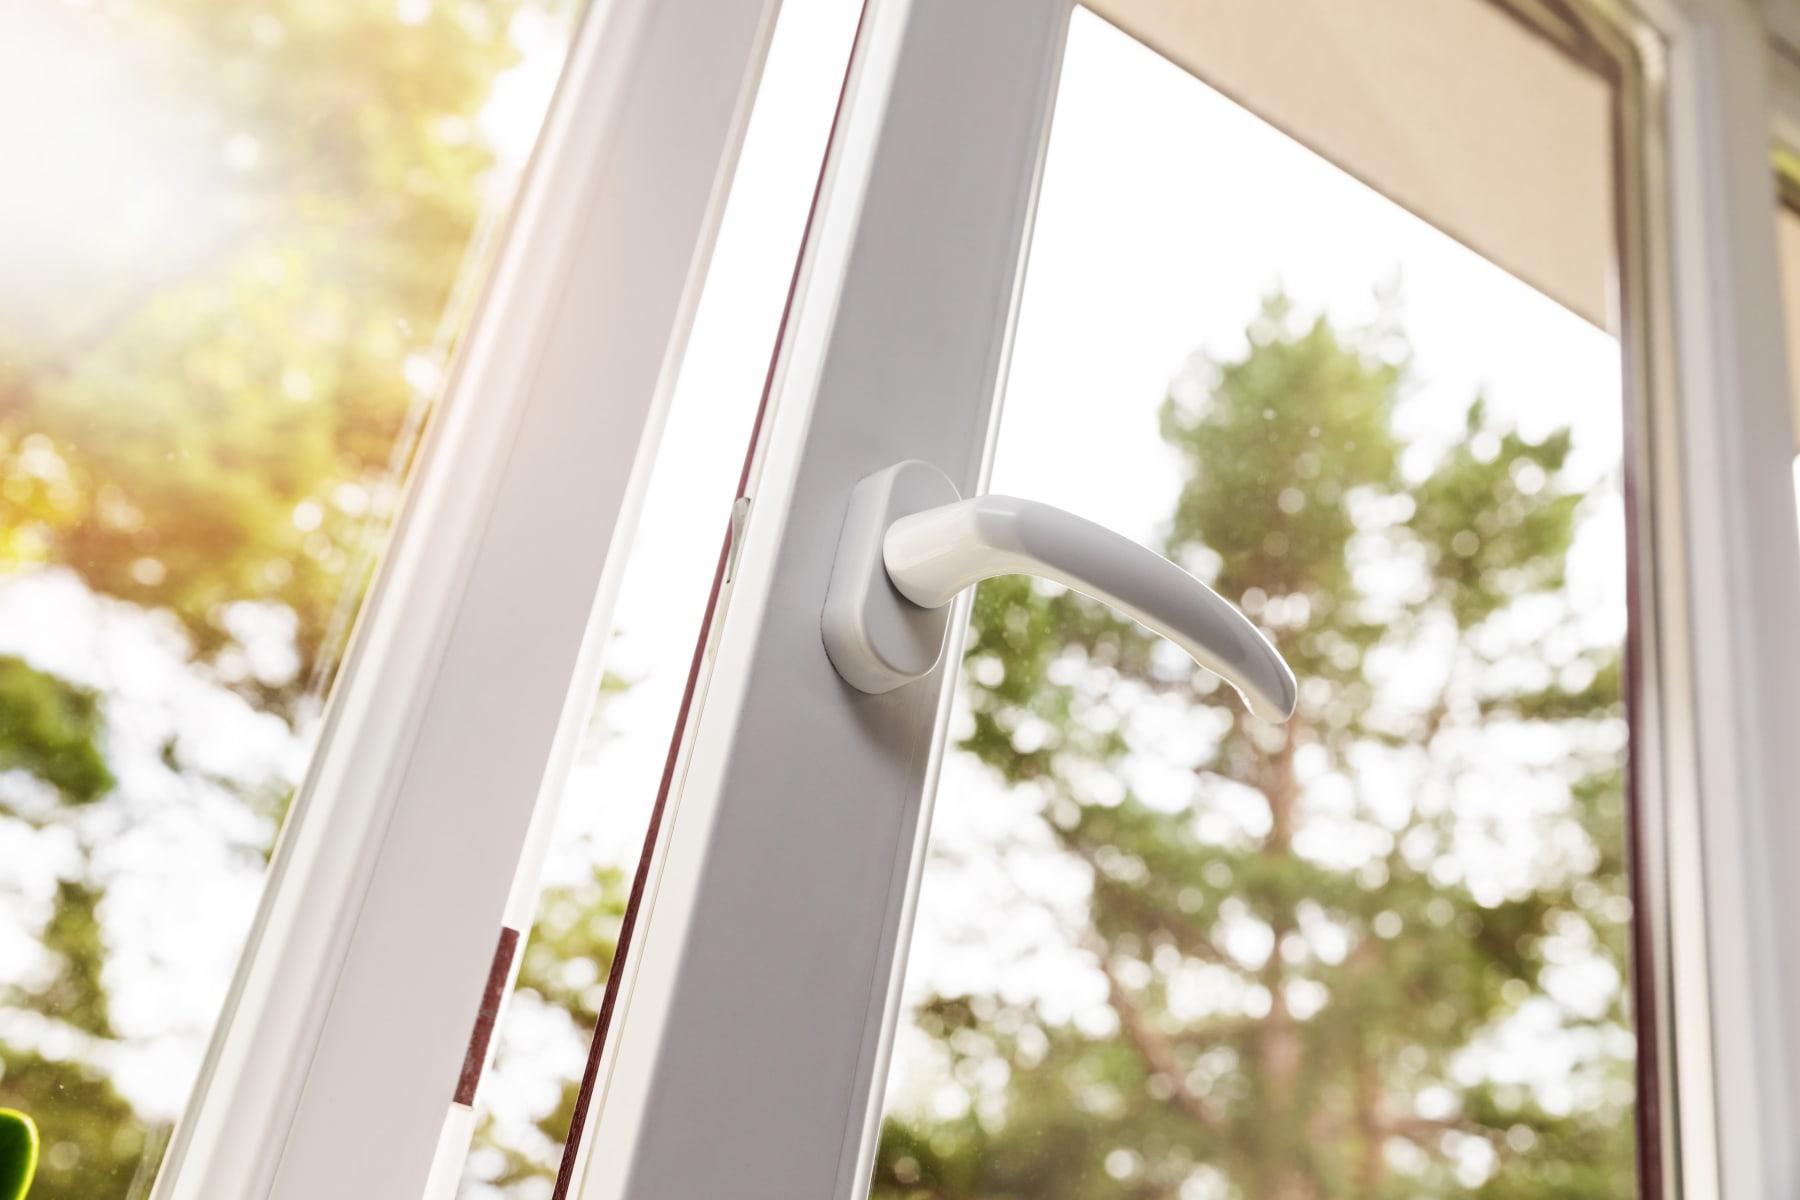 Blasen aus einem PVC-Fenster: Mögliche Ursachen